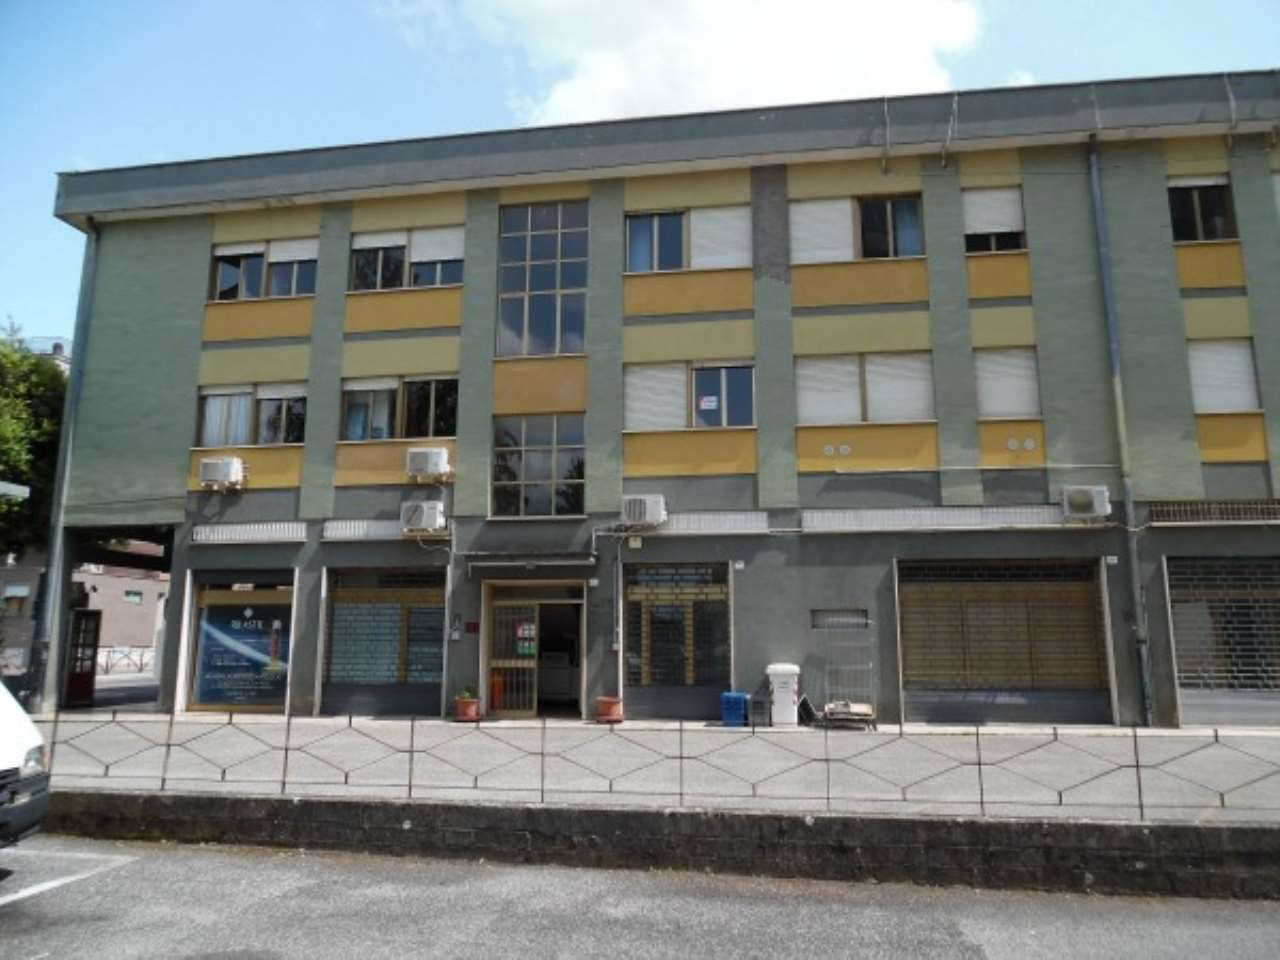 Ufficio / Studio in vendita a Rieti, 6 locali, Trattative riservate | Cambio Casa.it